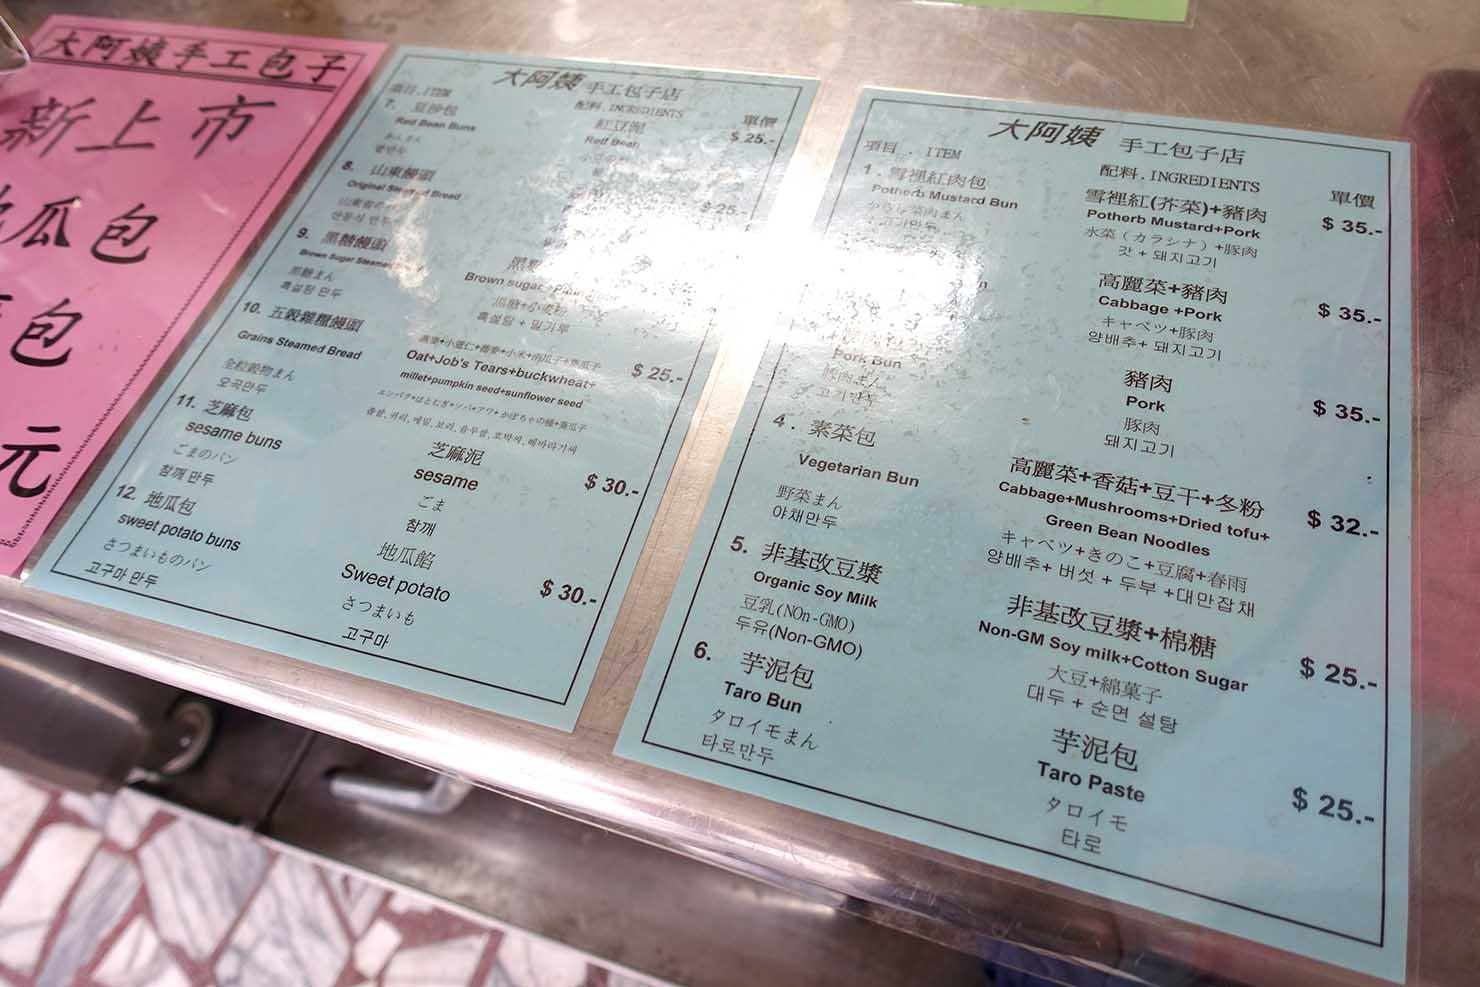 台北・西門町のおすすめ朝ごはん屋さん「大阿姨手工包子」の日本語メニュー